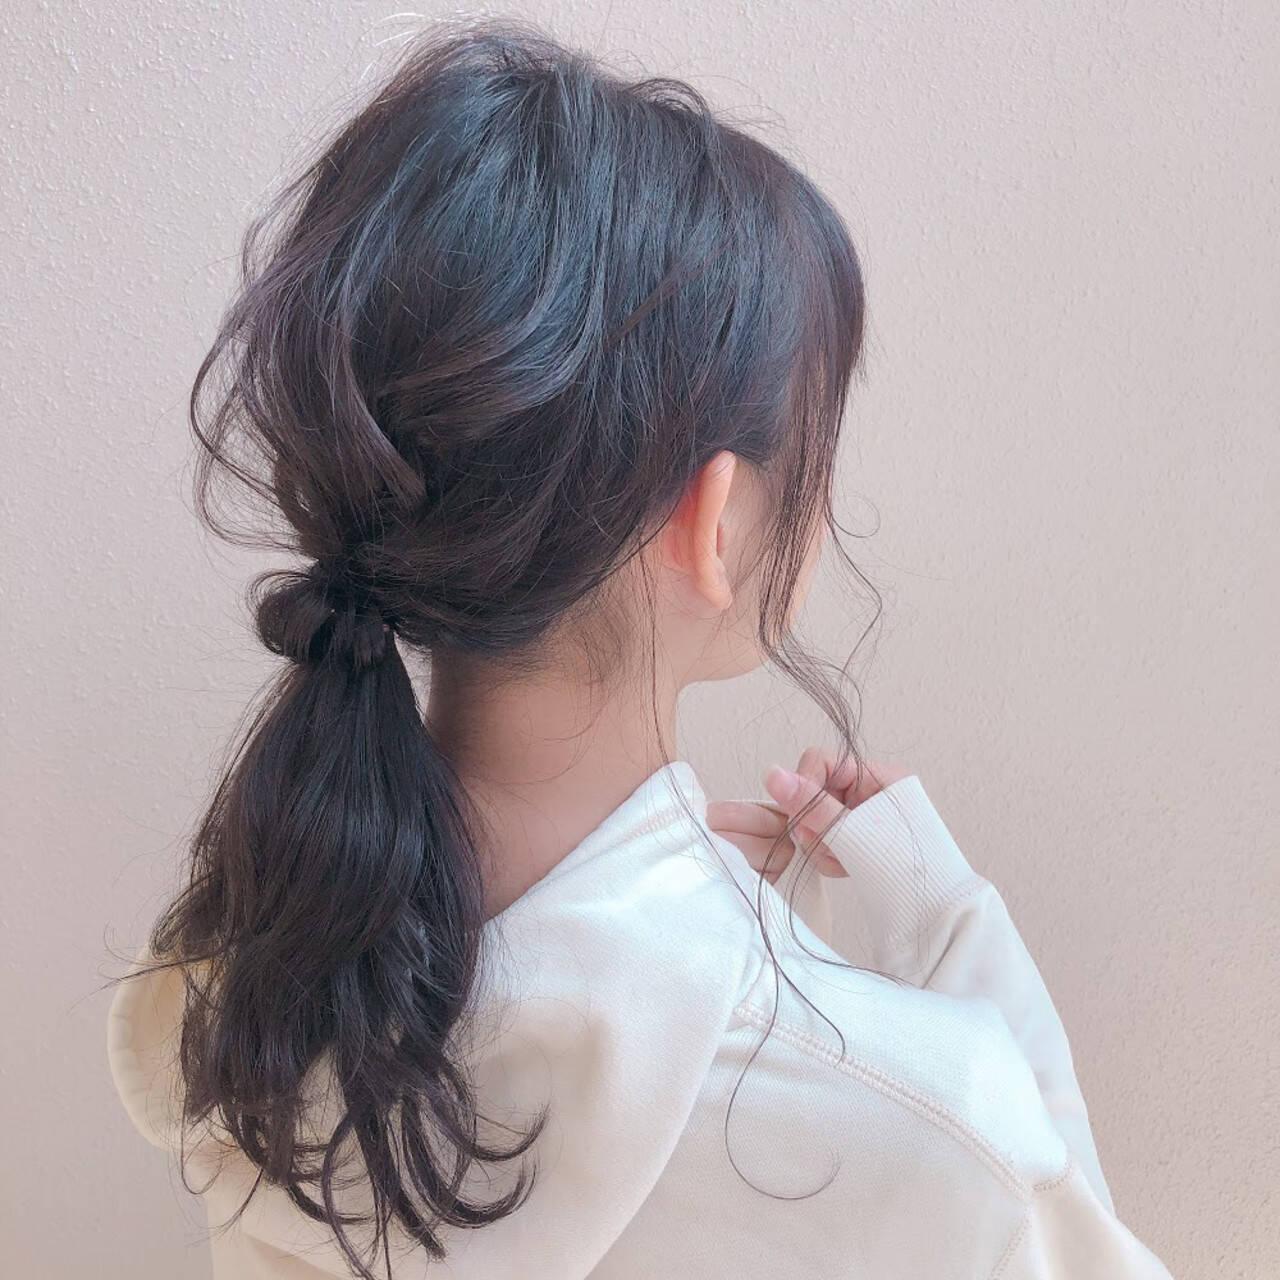 ヘアセット ふわふわヘアアレンジ ナチュラル ヘアアレンジヘアスタイルや髪型の写真・画像